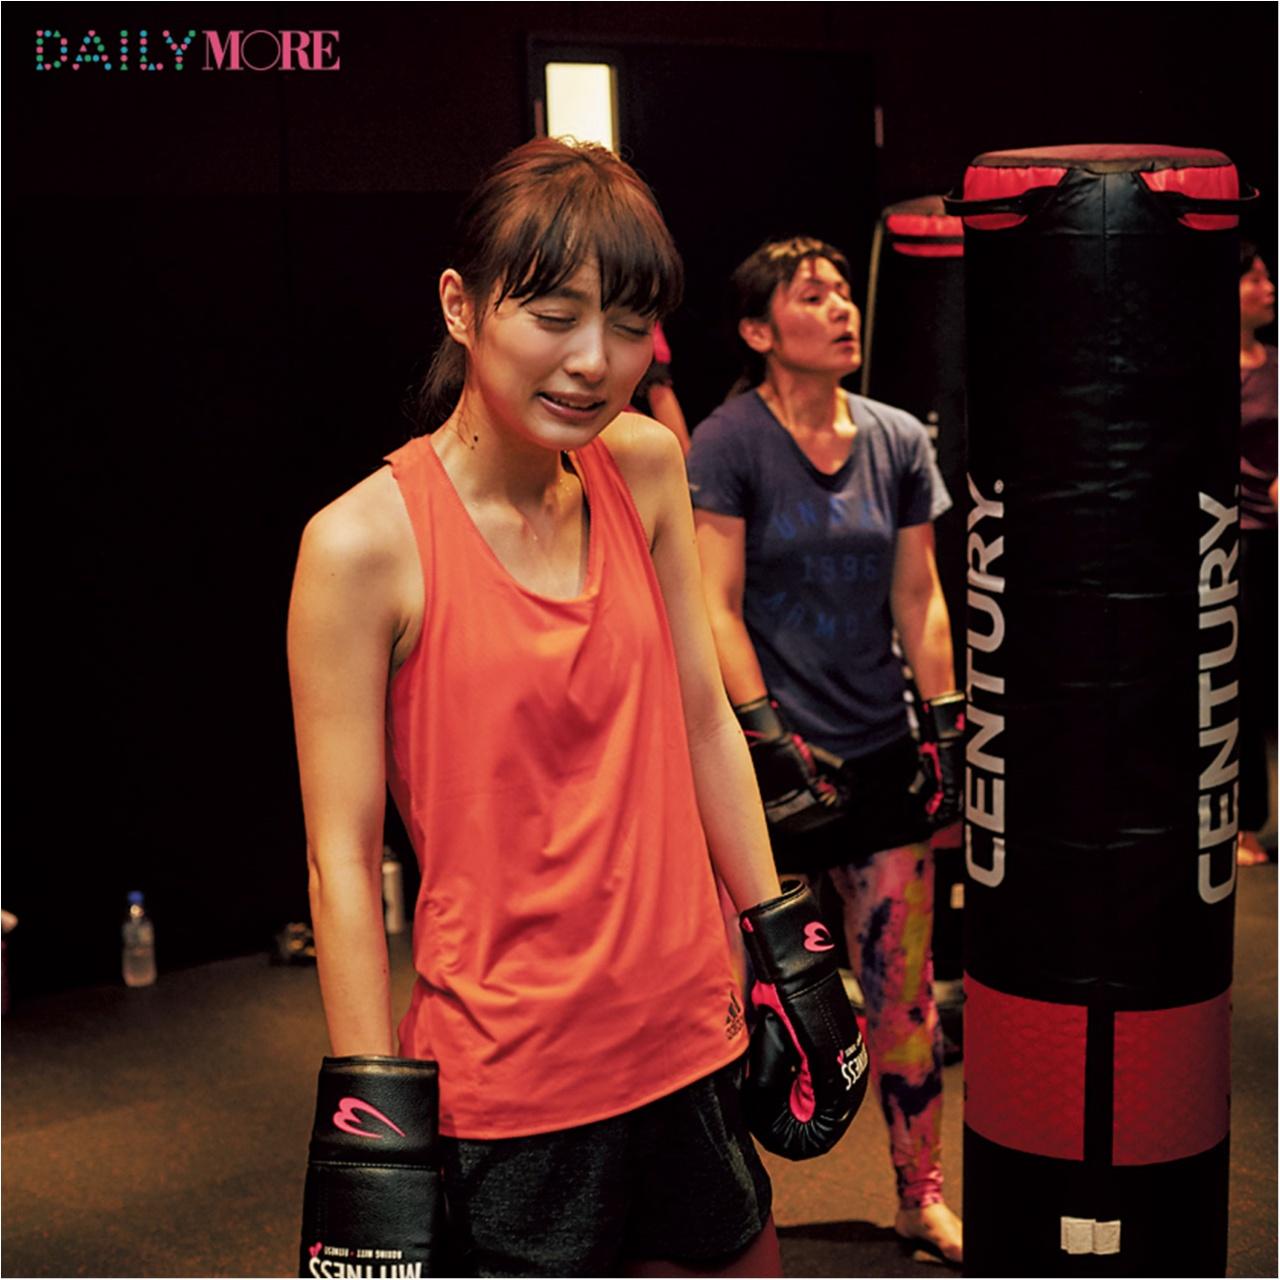 【動画でチェック!】 内田理央、人生で一番、汗をかく? 話題の女子専用ジム『MITTNESS』に突撃! 【#モアチャレ 内田理央の「キックボクシング」チャレンジ】_2_3